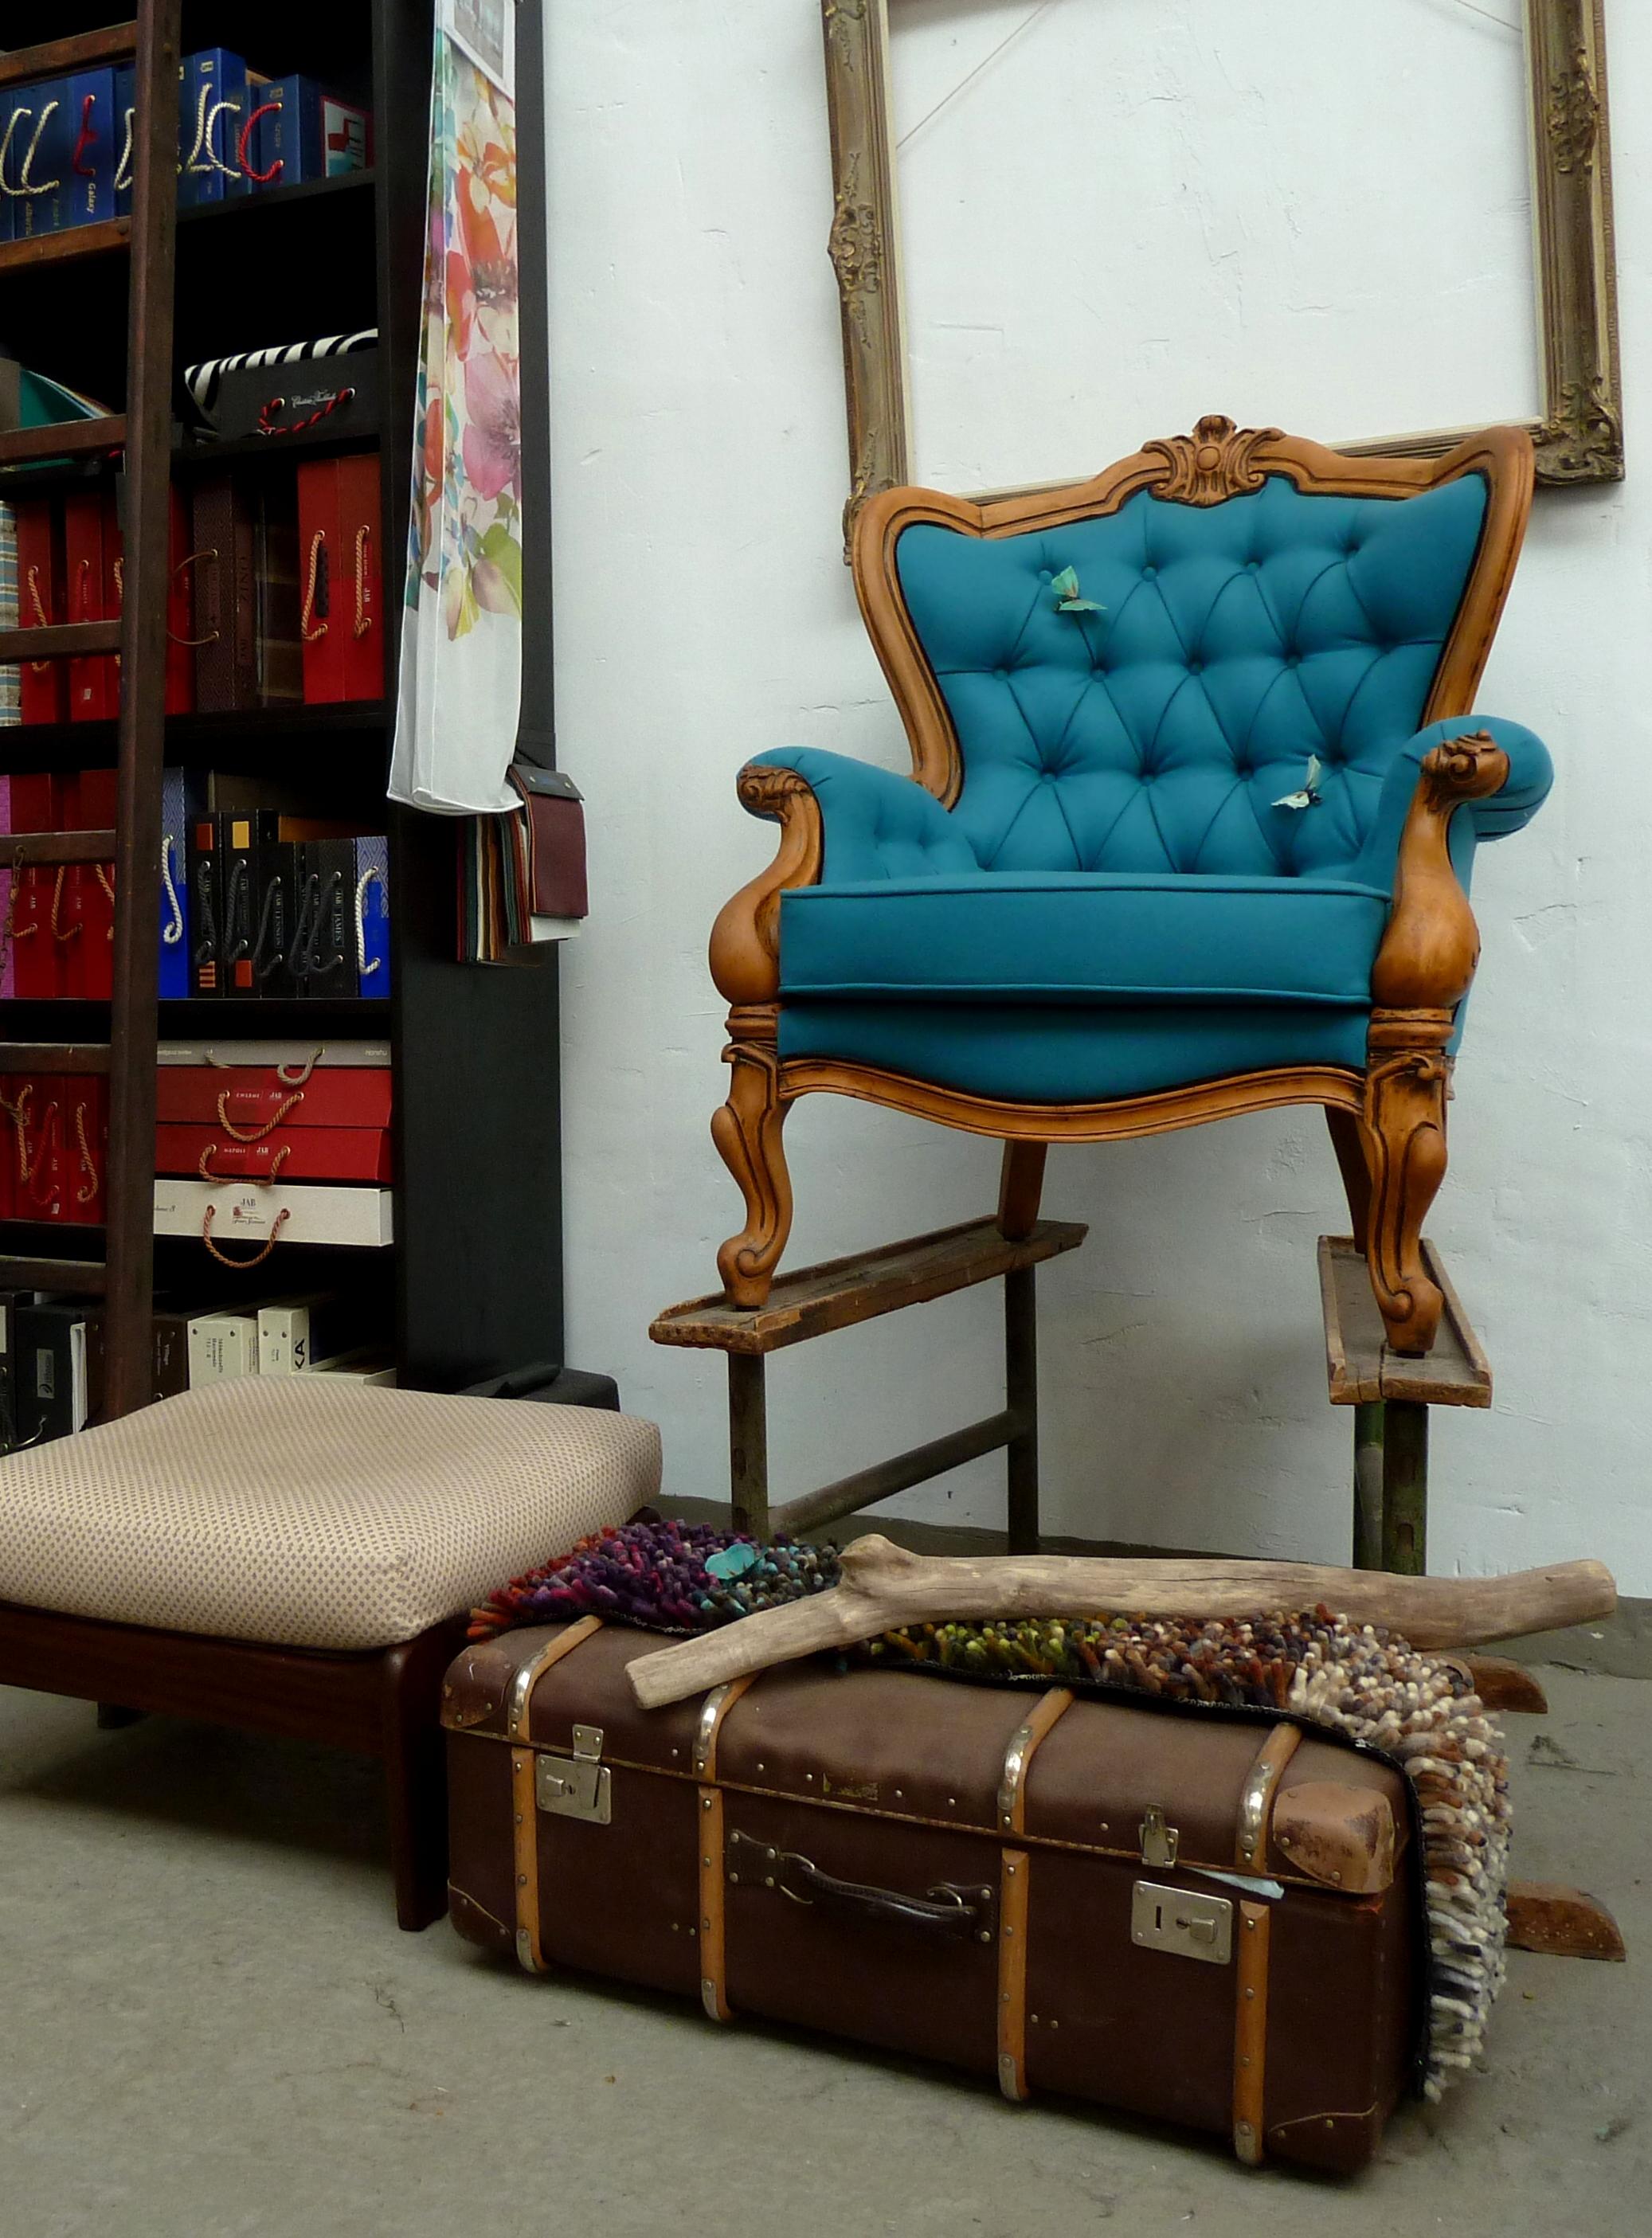 Alter Sessel neu aufgepolstert und bezogen